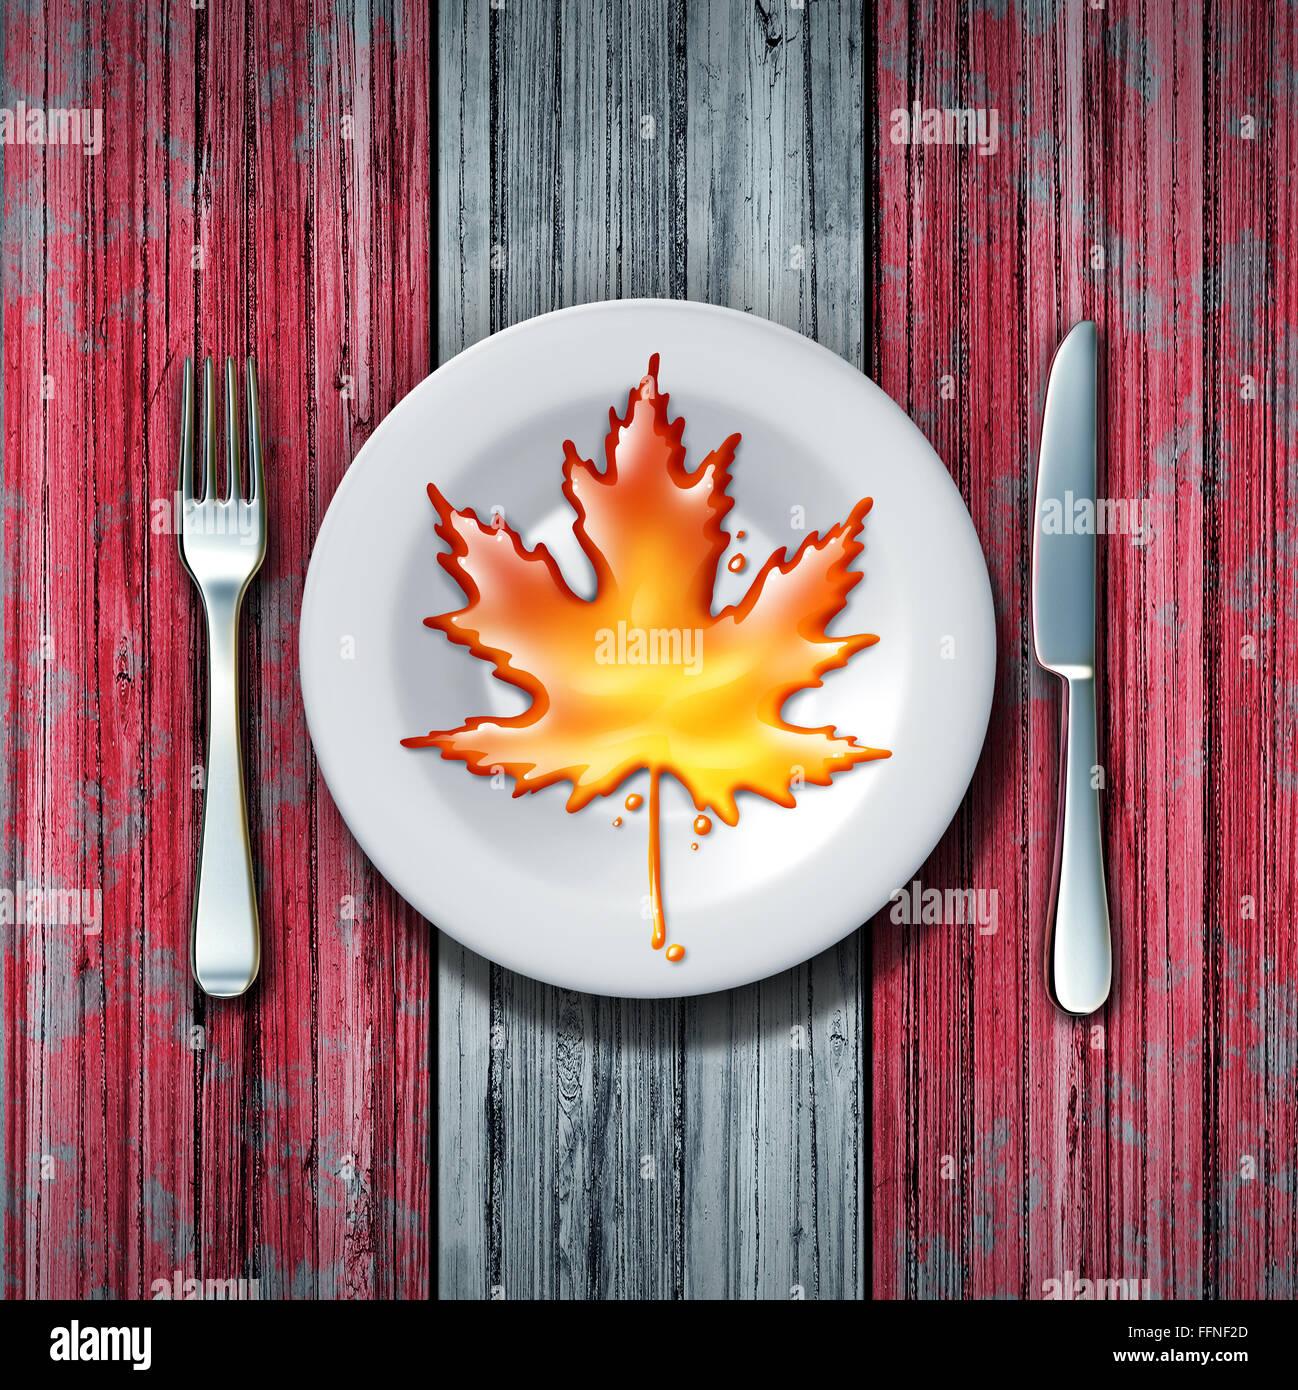 Canadese di sciroppo di acero anta su una piastra con coltello e forchetta come un dolce marrone oro liquido deliziosi Immagini Stock